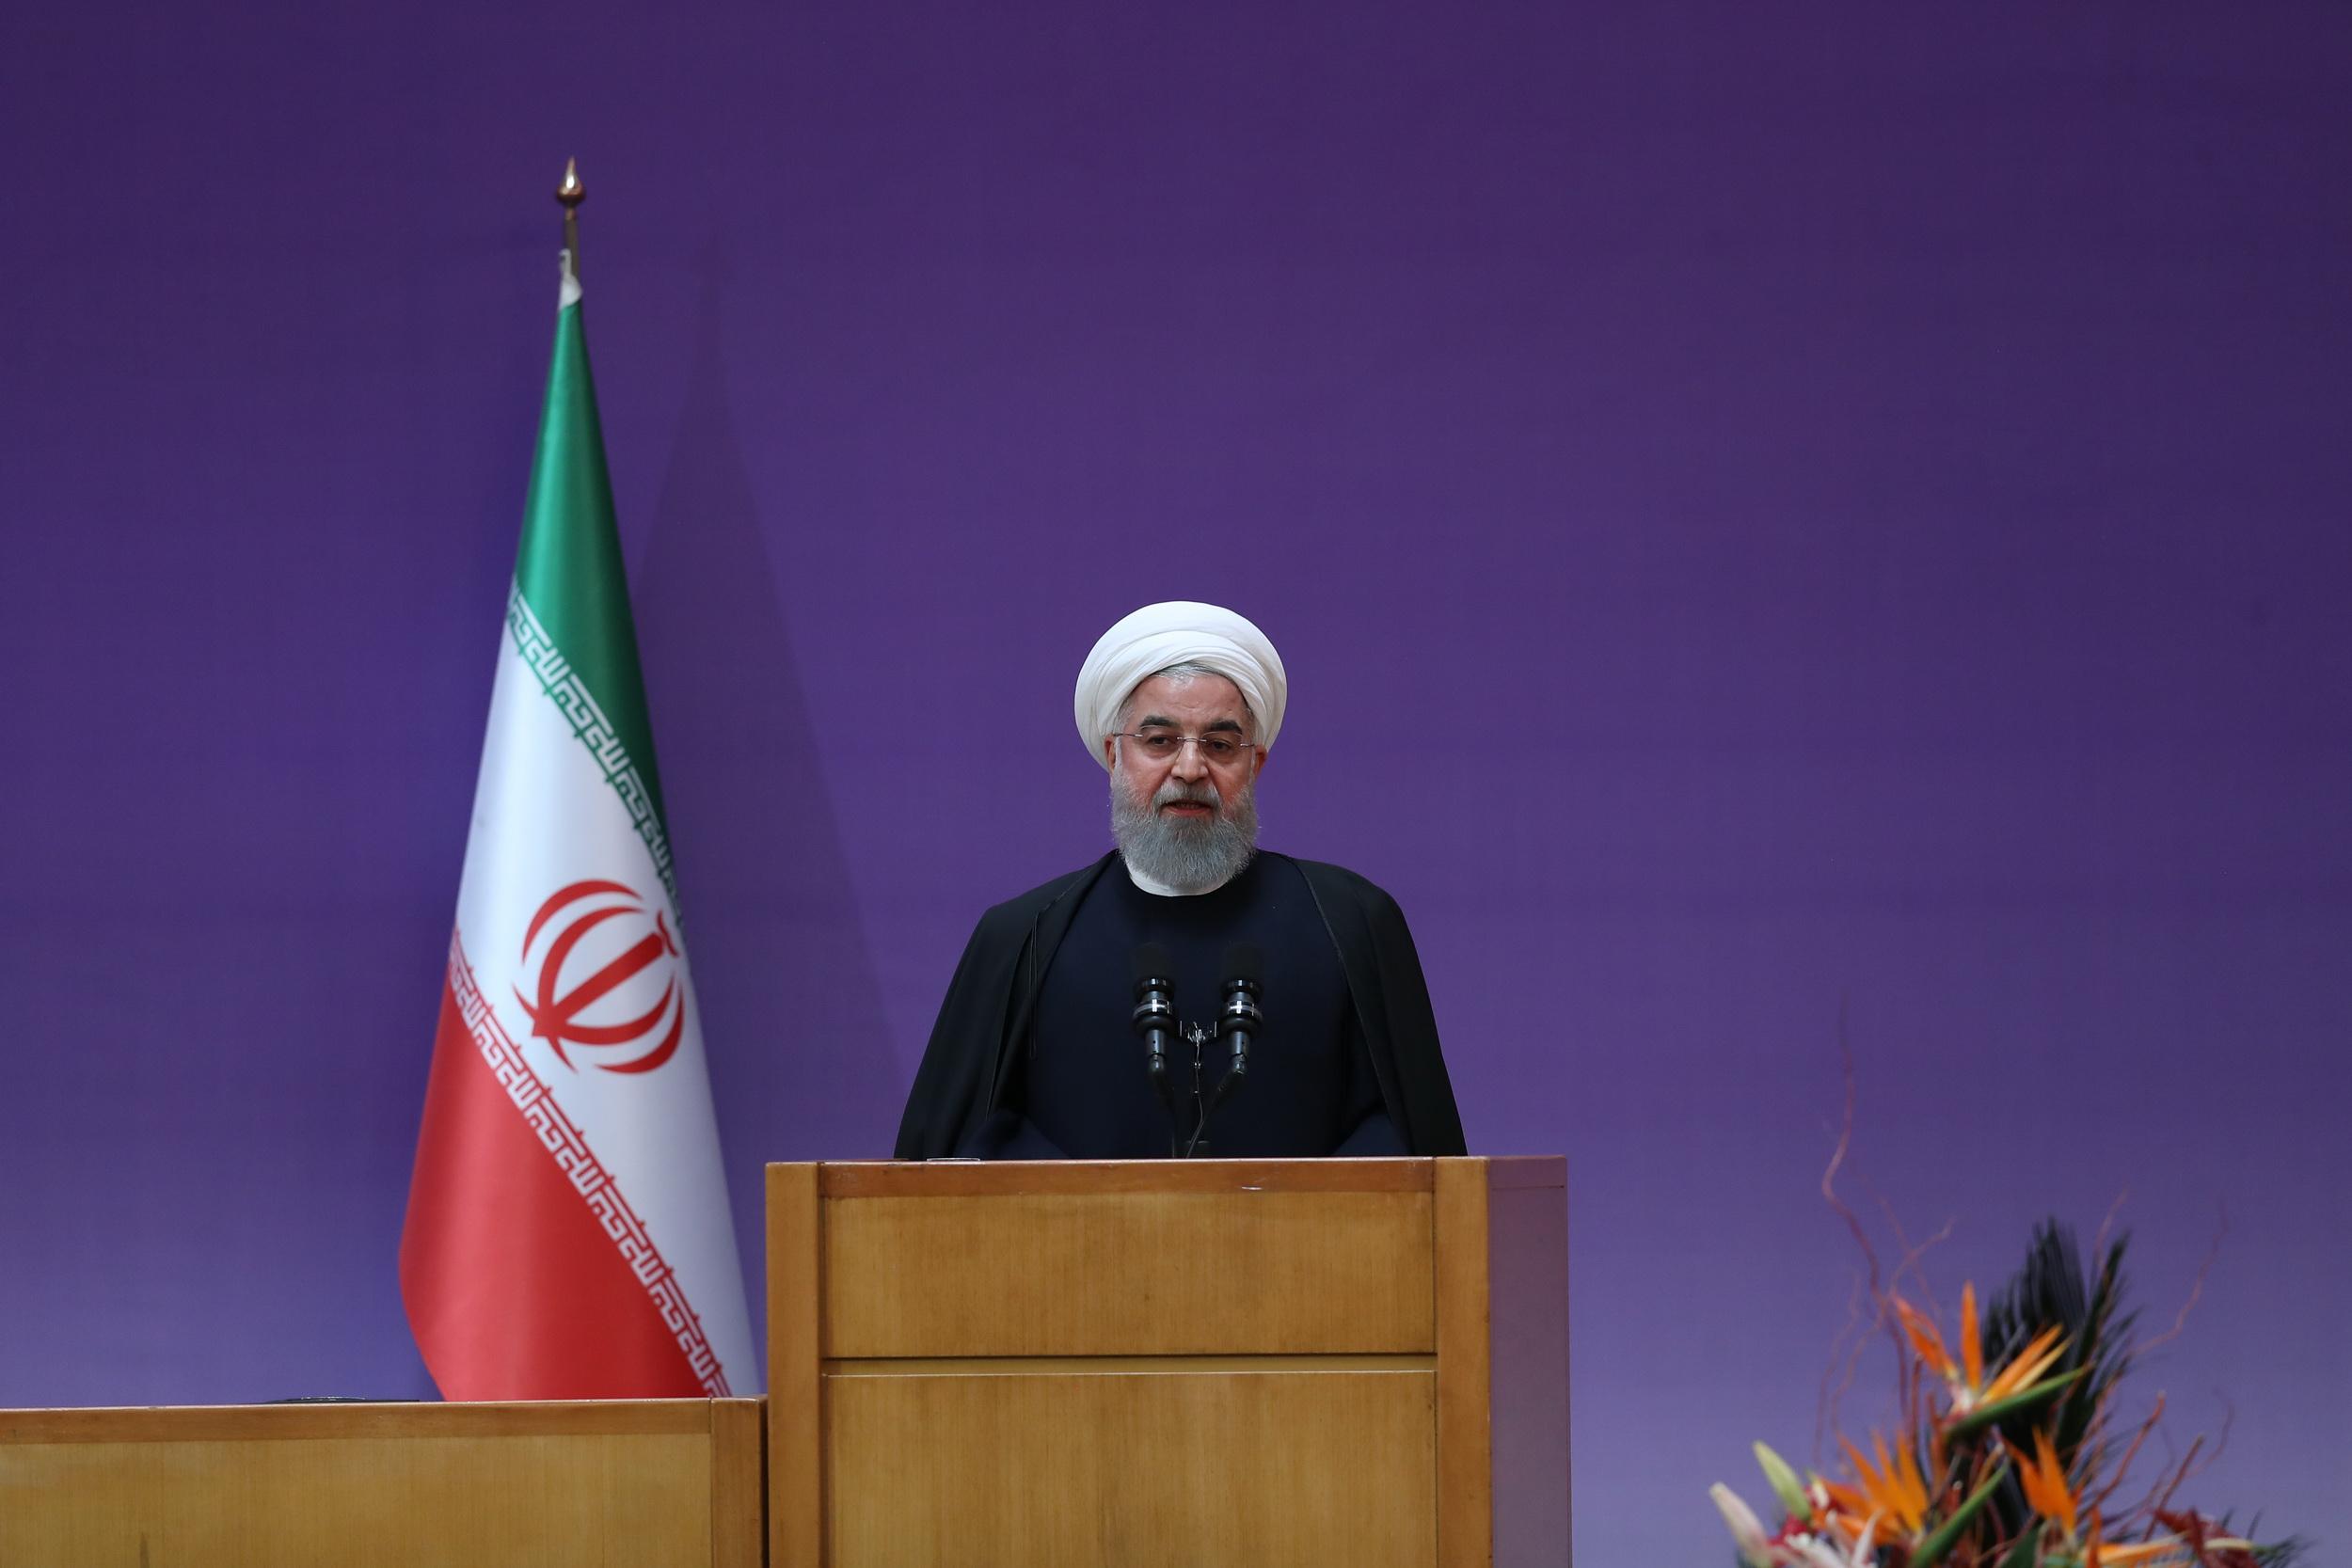 روحانی در نهمین جشنواره بینالمللی فارابی هشدار داد: چرا به معترضان میگویید آشغال، خس و خاشاک!